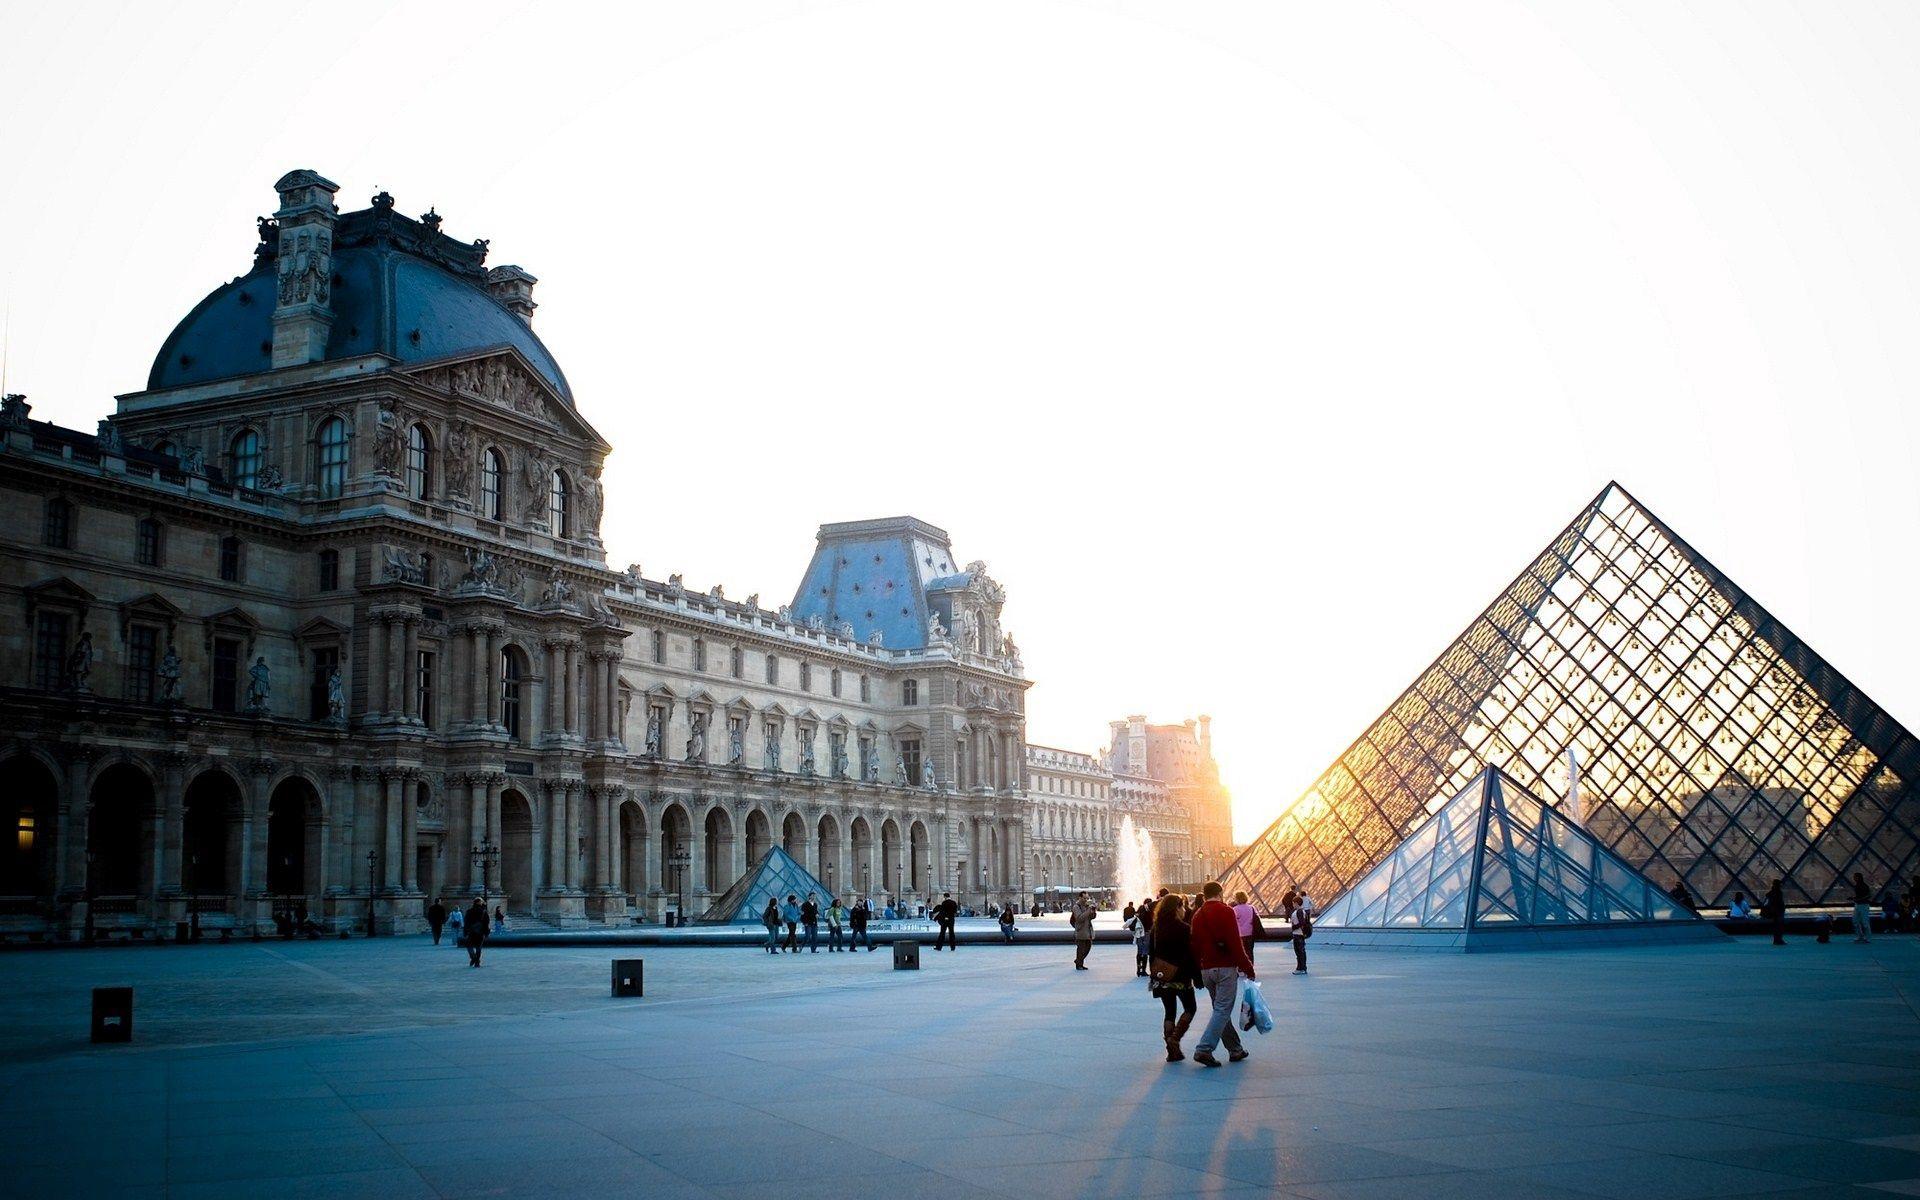 142589壁紙のダウンロードパリ, フランス, 都市, ルーブル美術館-スクリーンセーバーと写真を無料で